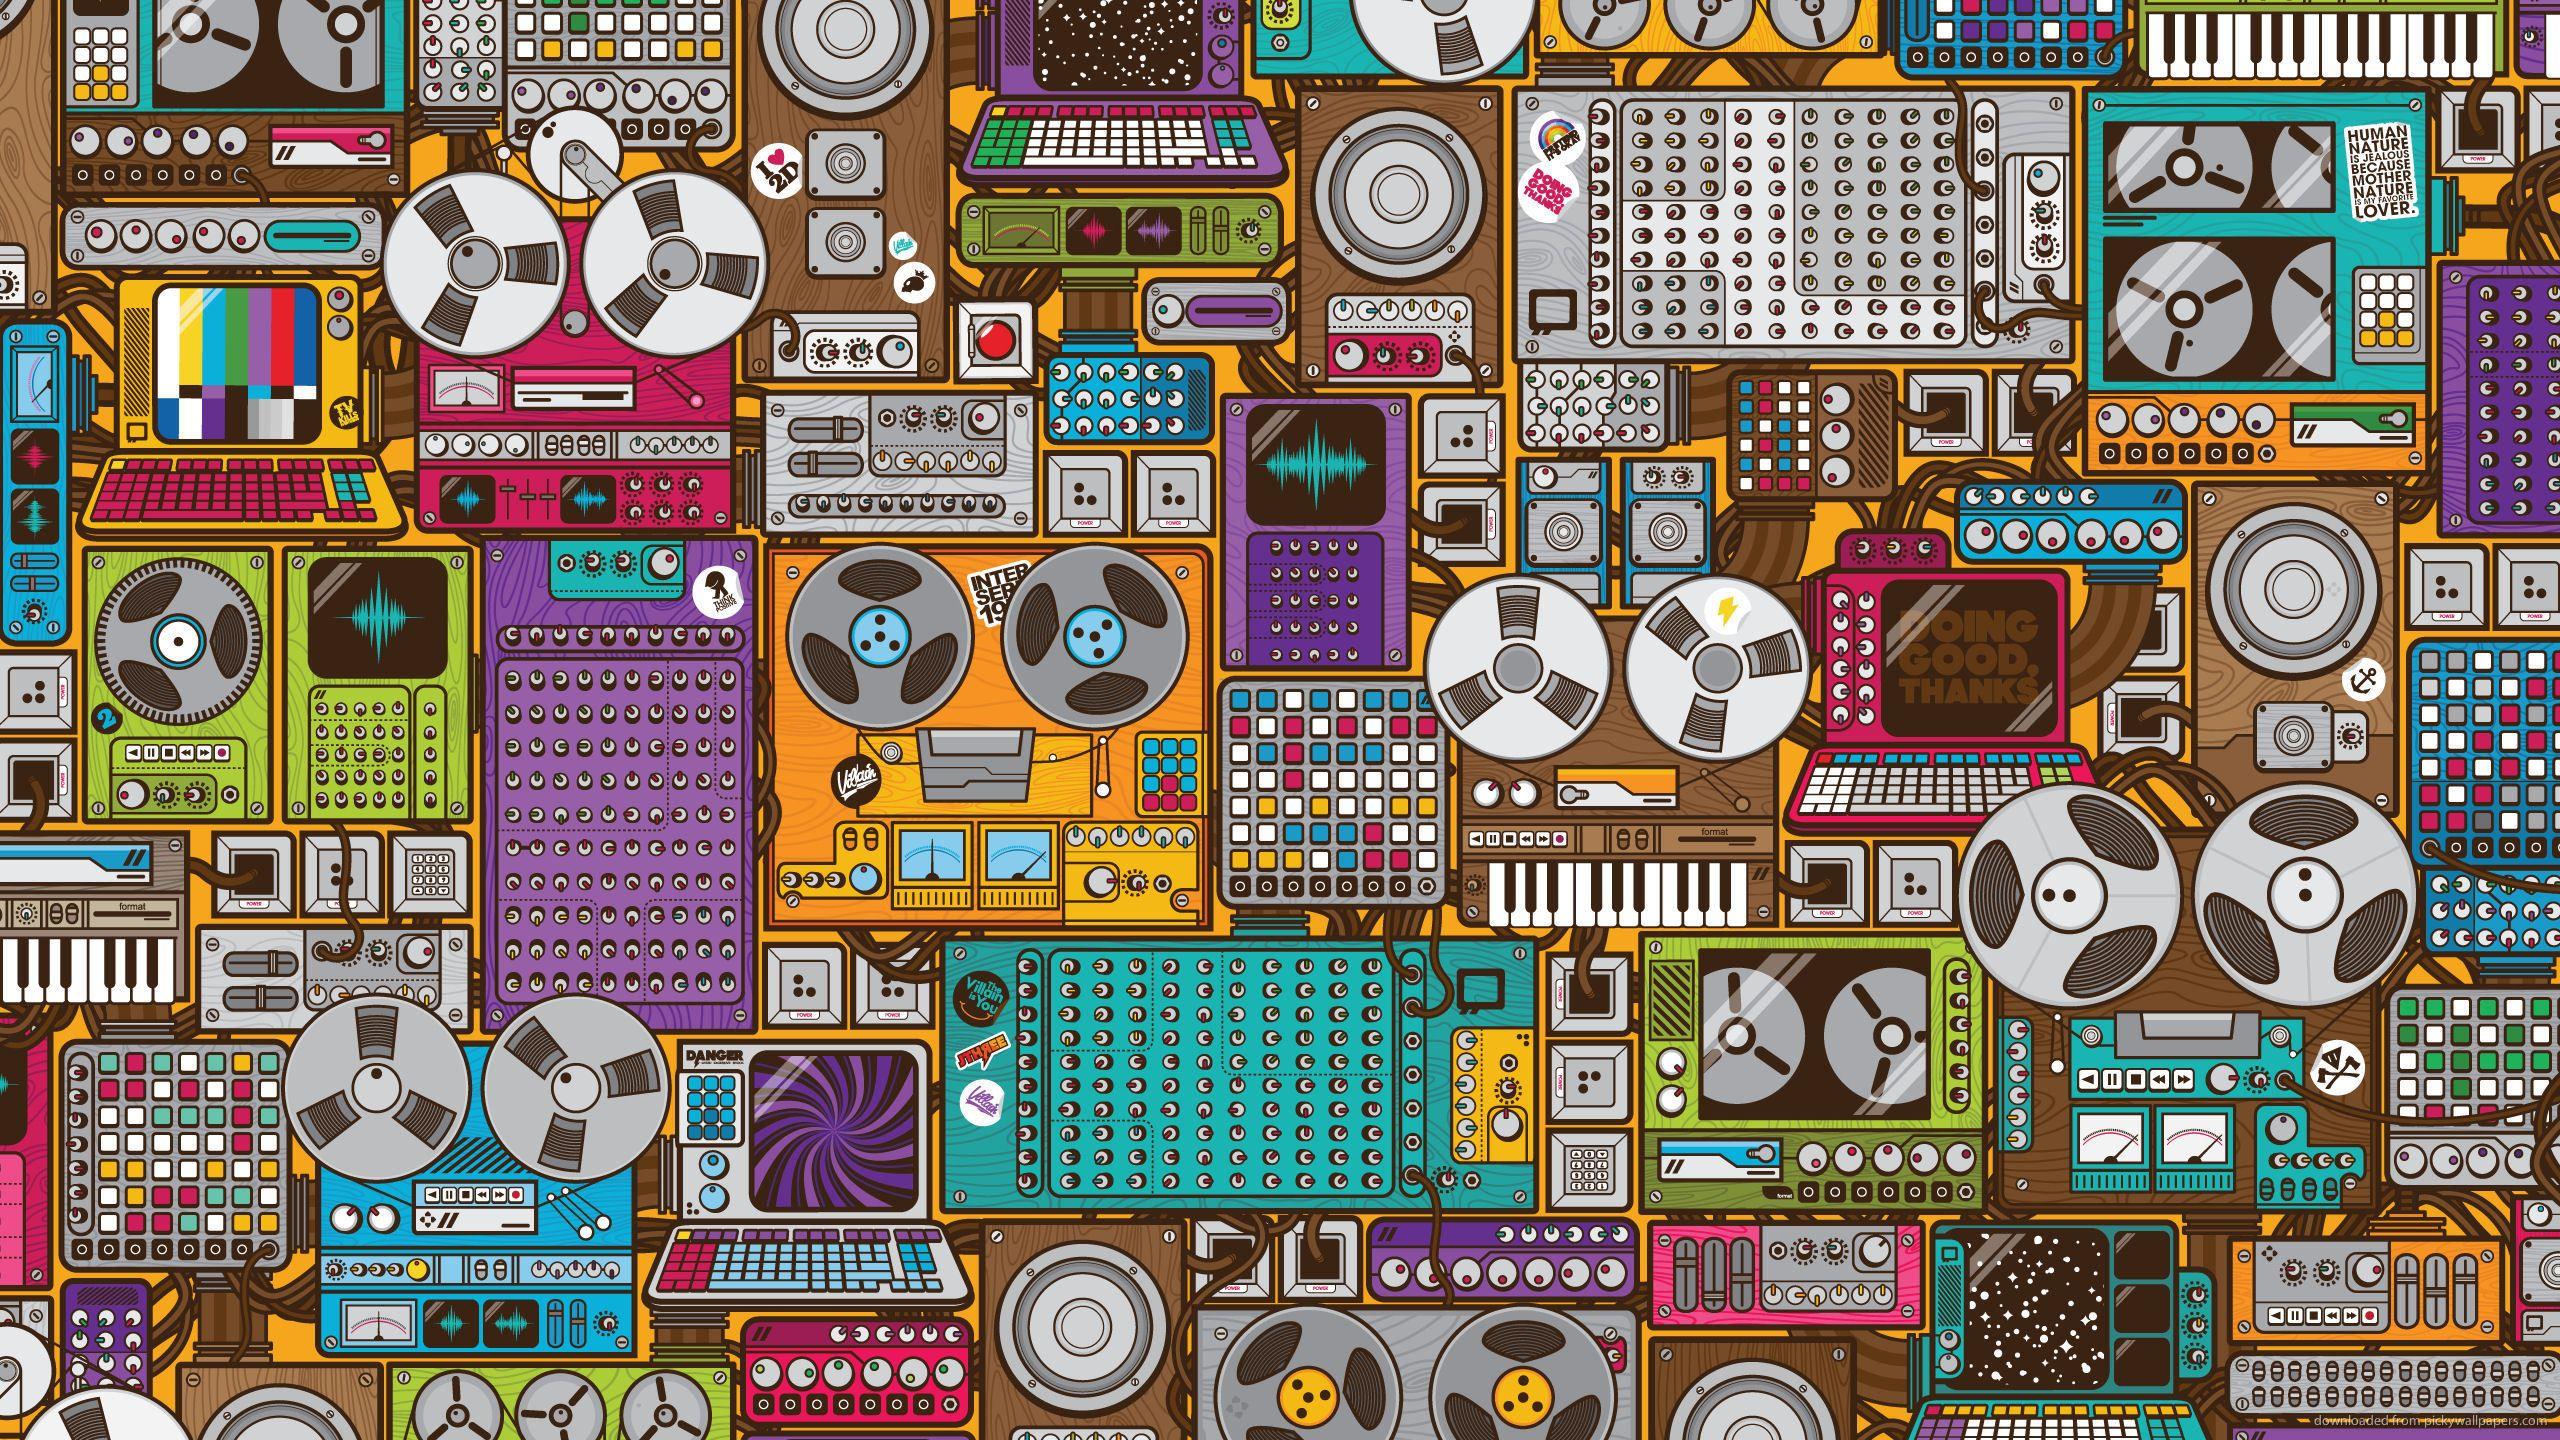 Most Inspiring Wallpaper Music Pattern - 348a7f1cee2d050f9efd95965d6f7be9  Pic_201210.jpg